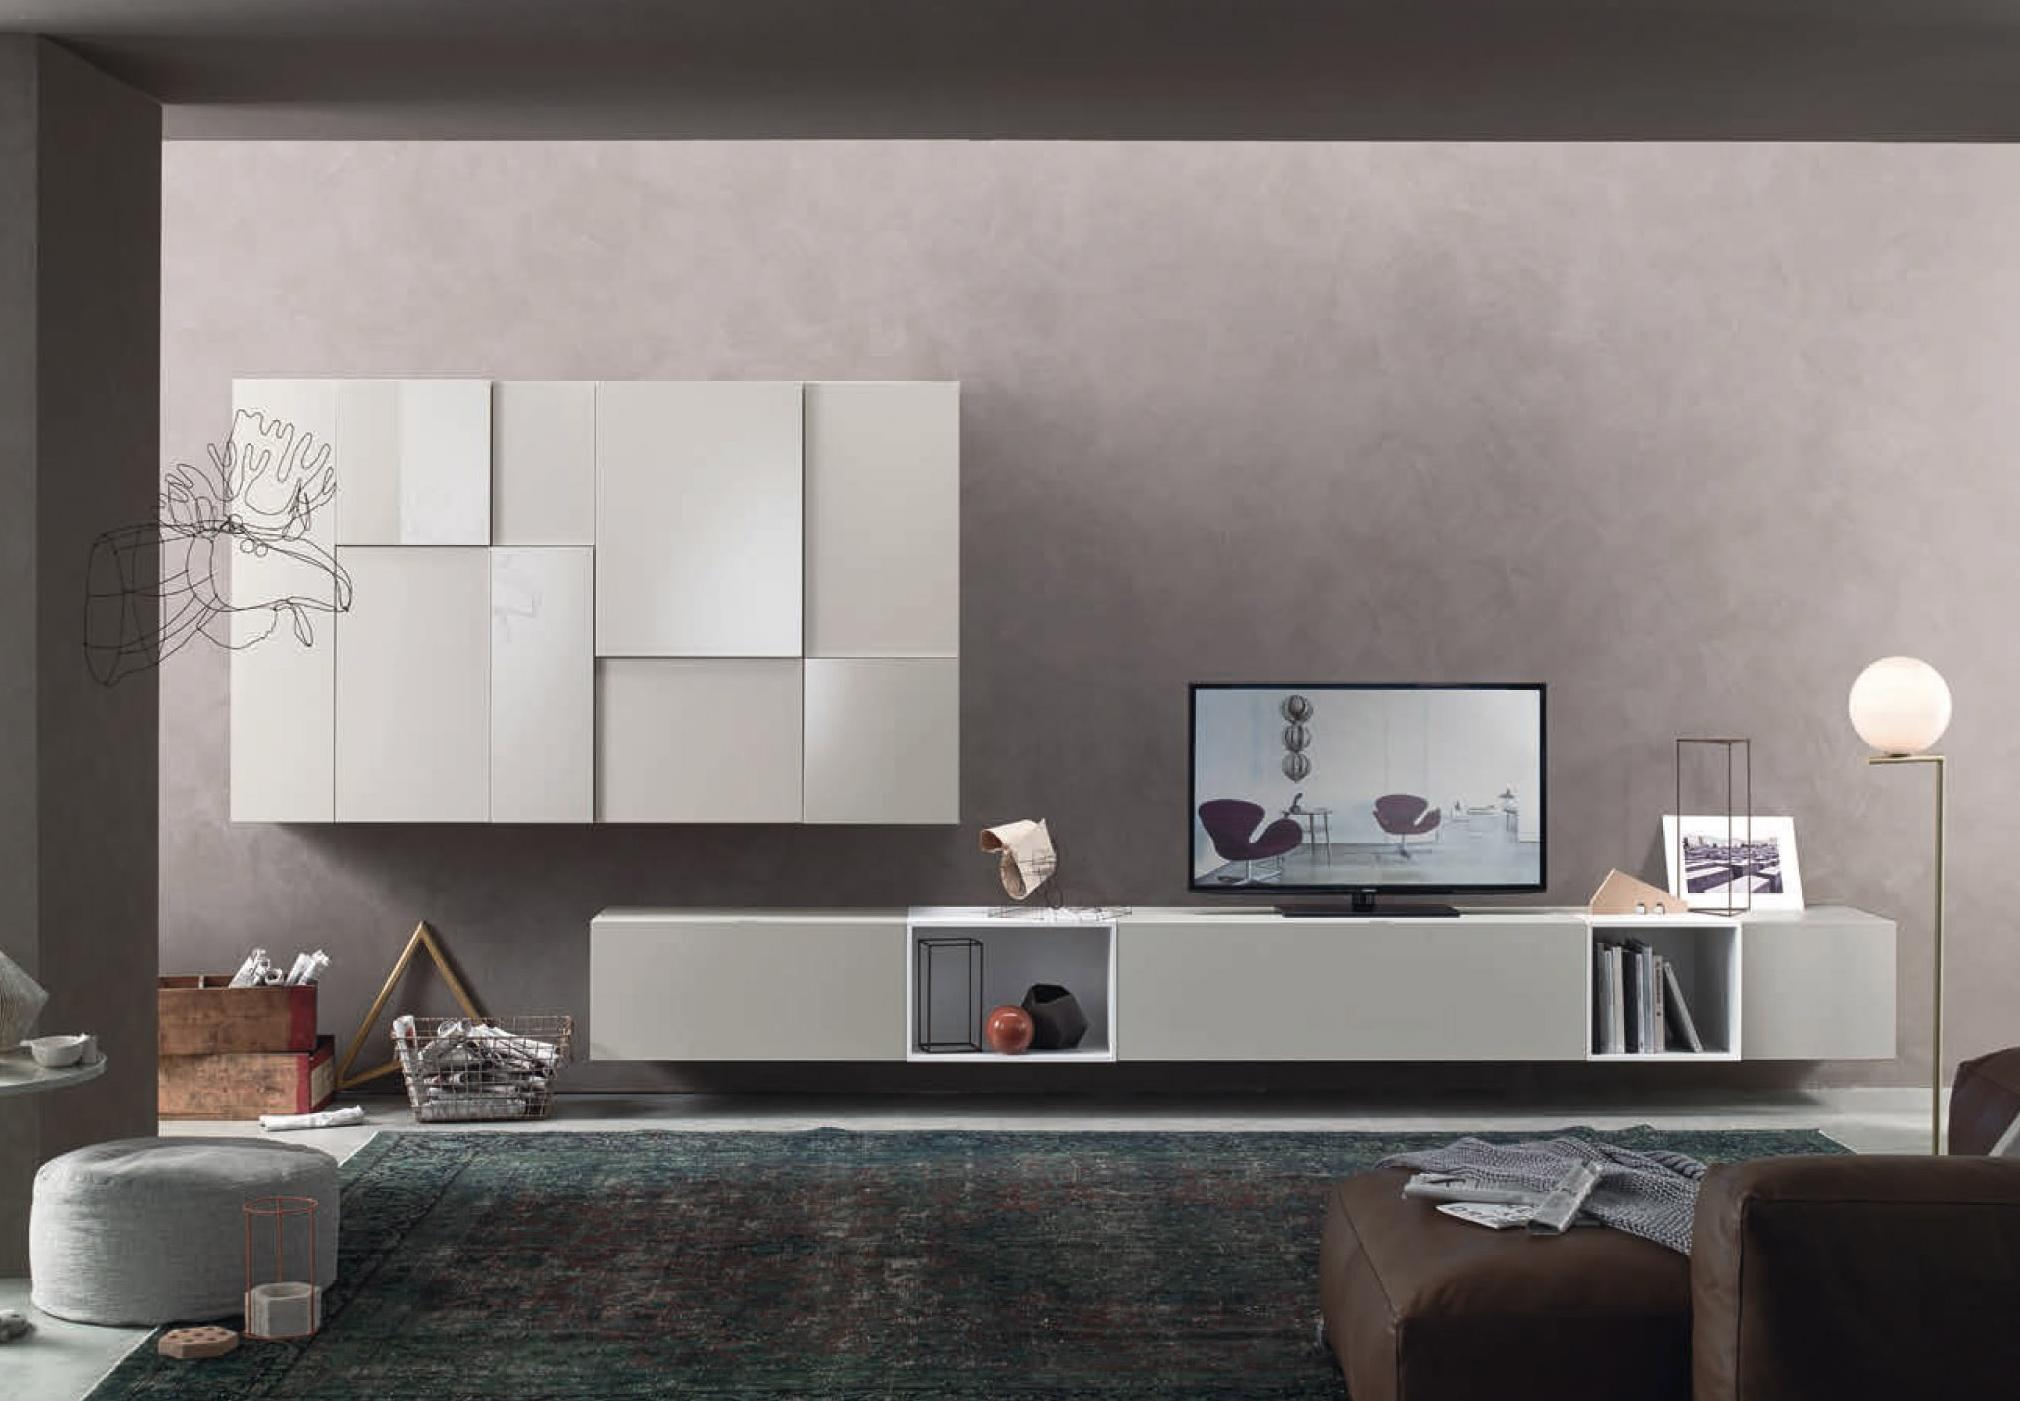 Ambienti Living Moderni.Arredamento Moderno A Lecce Con Le Soluzioni Di Dierre